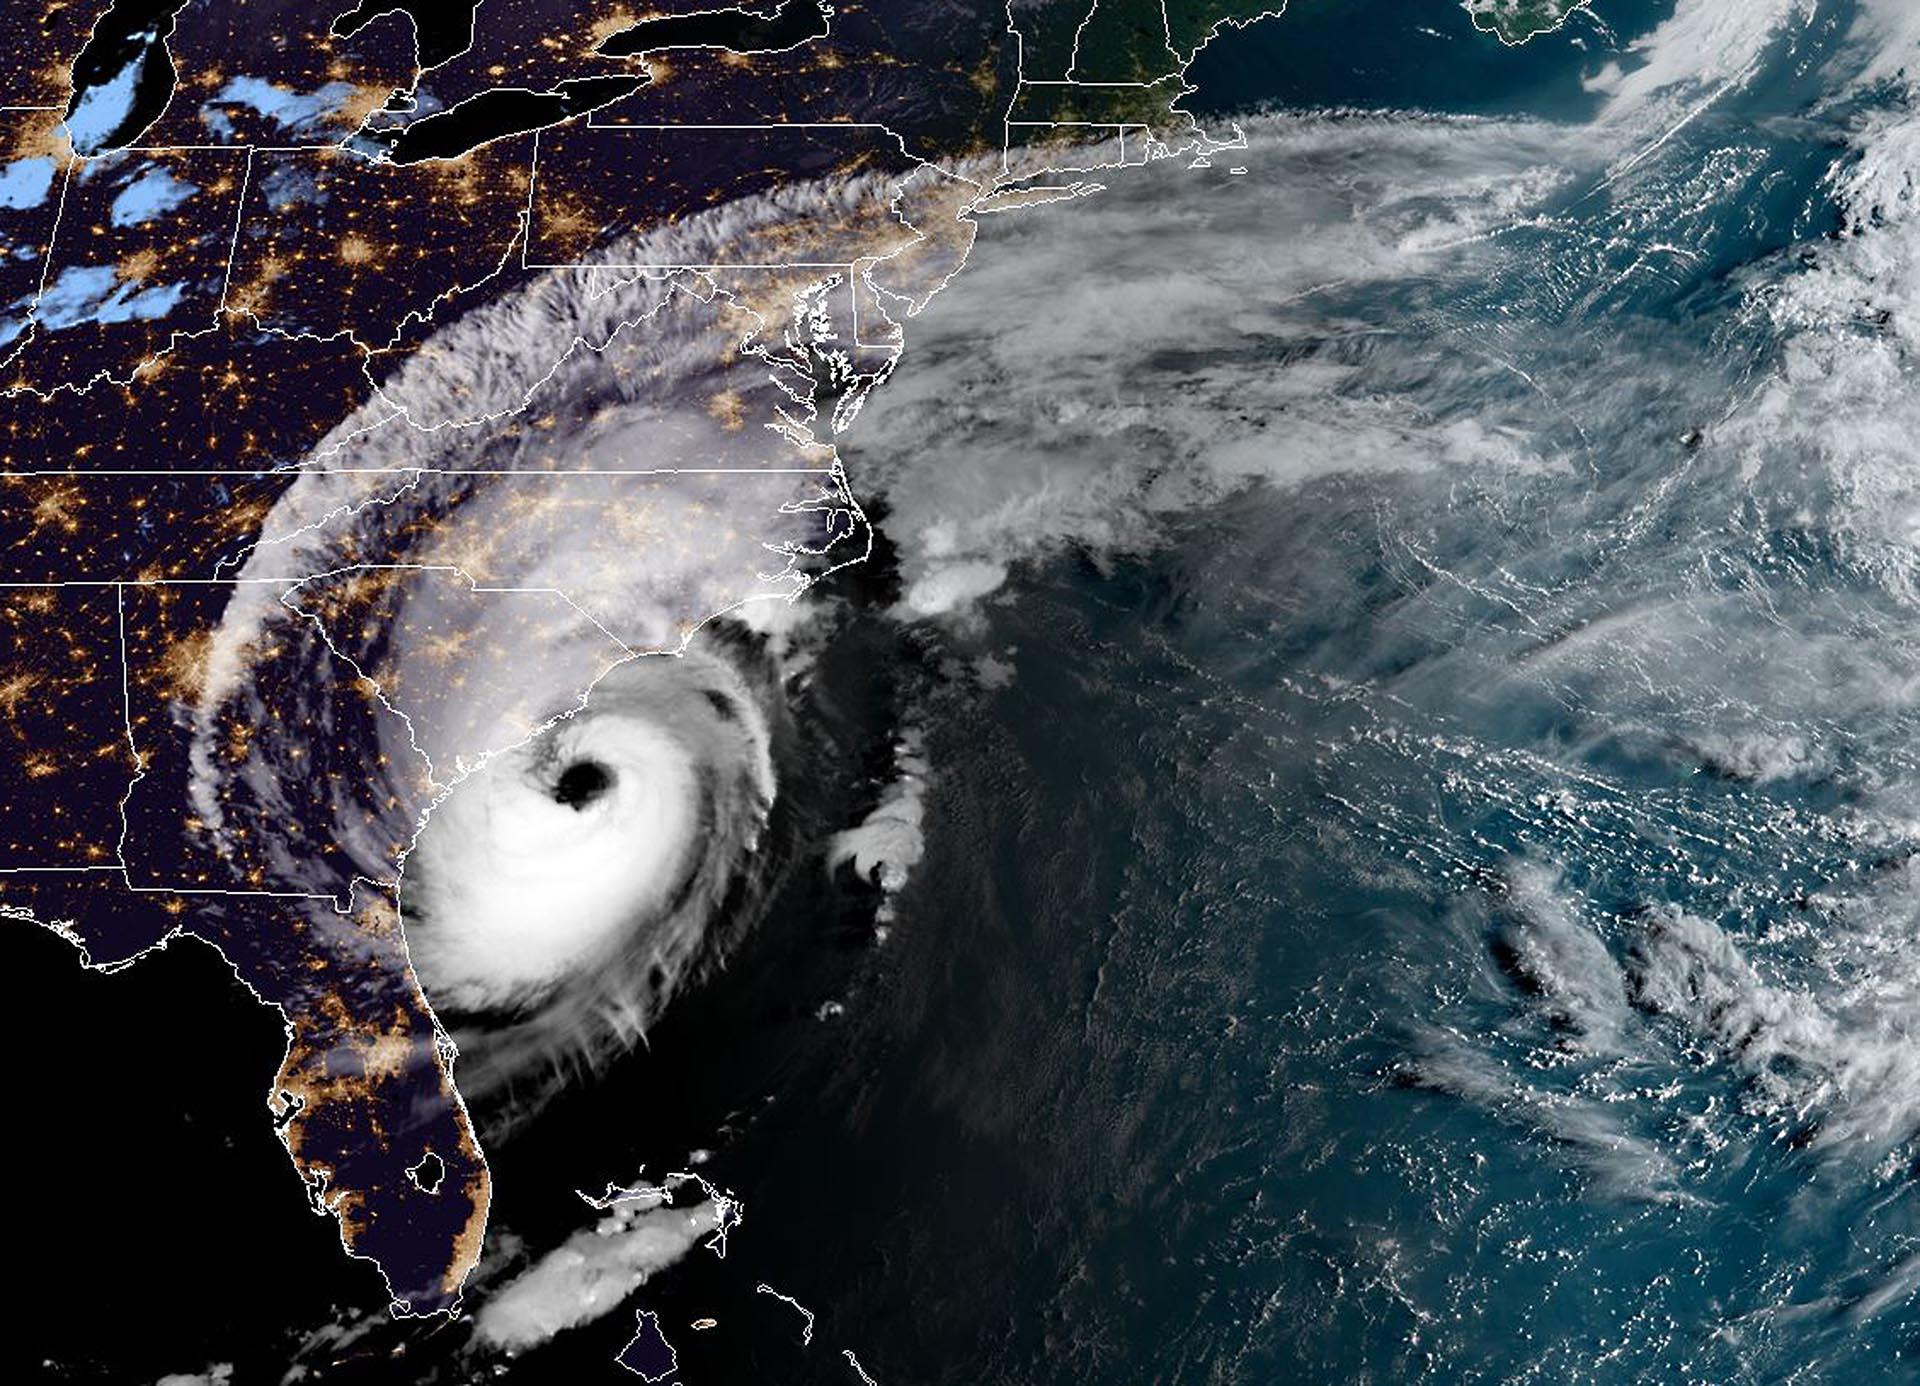 Esta imagen satelital obtenida de NOAA/ RAMMB, muestra la tormenta mientras se asienta sobre el sudeste de los EEUU a las 11: 20 UTC el 5 de septiembre de 2019. Dorian azota a las Carolinas con lluvia torrencial y vientos feroces mientras se acercaba a la costa este de Estados Unidos. Partes del centro de Charleston se inundaron, y se informó que docenas de calles se cerraron ya que se pronosticaron hasta 20 pulgadas (50 cm) de lluvia y los meteorólogos advirtieron sobre inundaciones repentinas